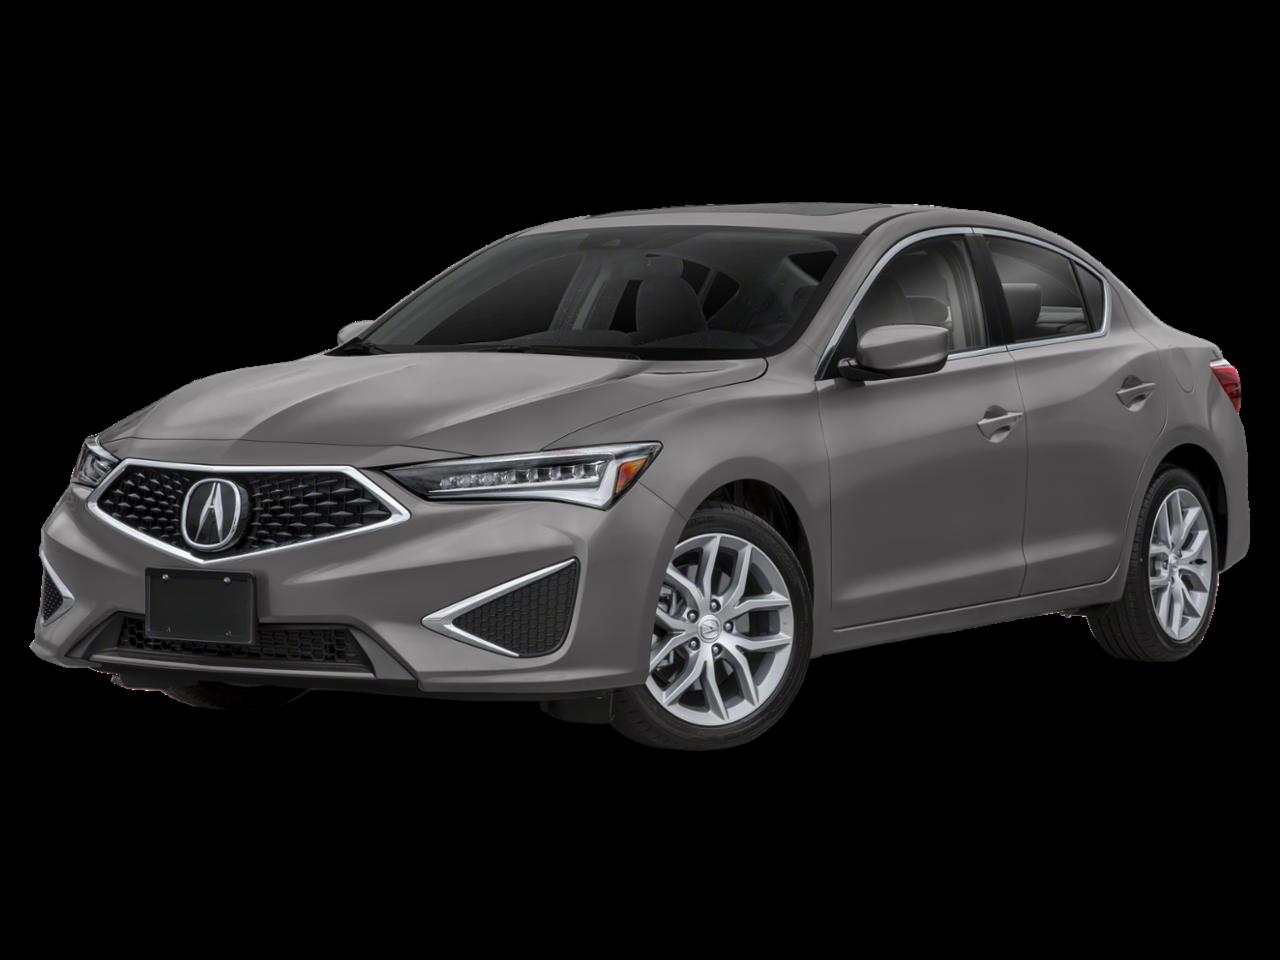 Acura 2020 ILX Sedan